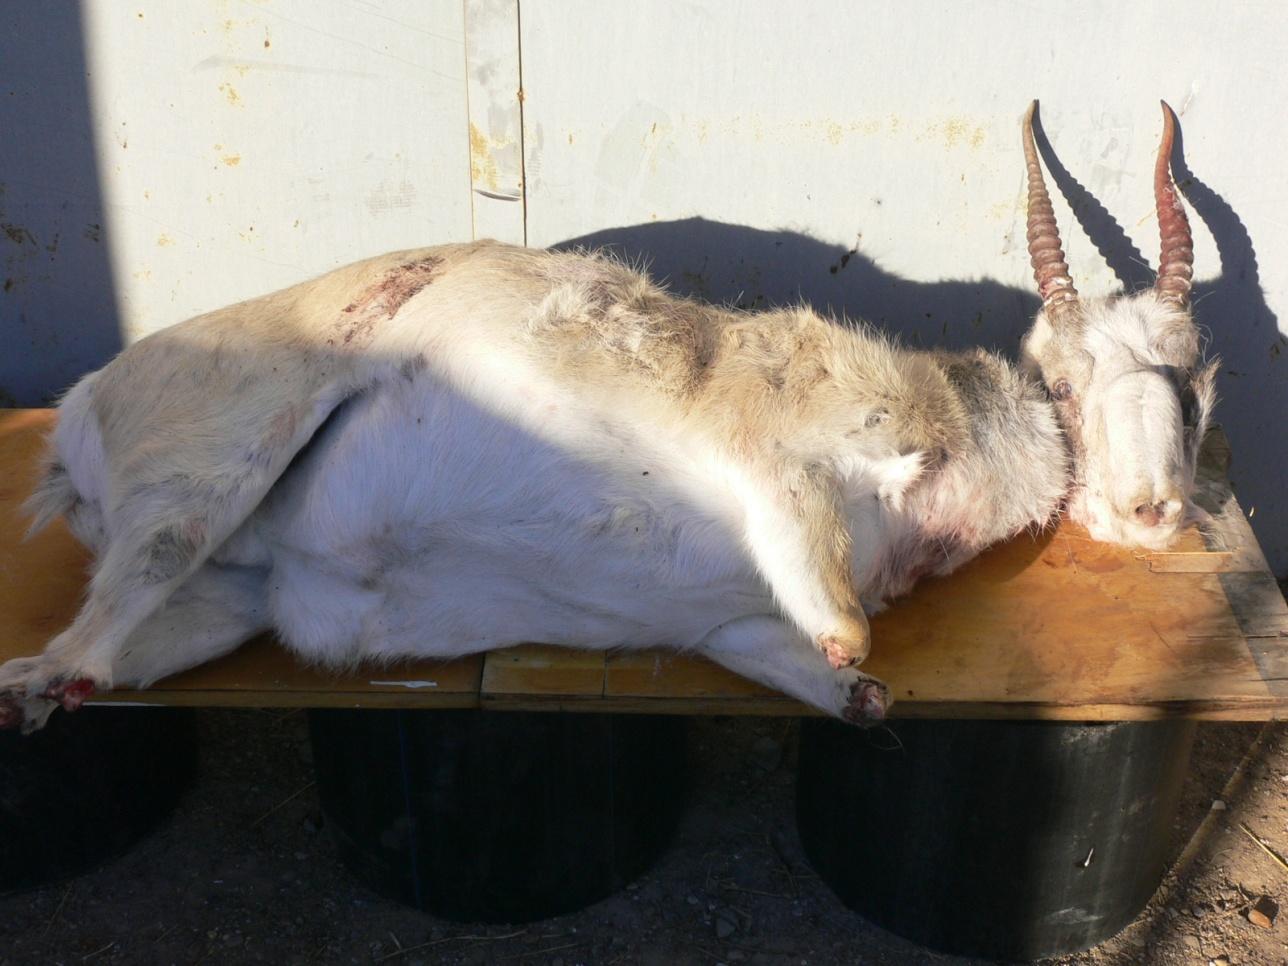 Туши животных всё чаще изымают у браконьеров